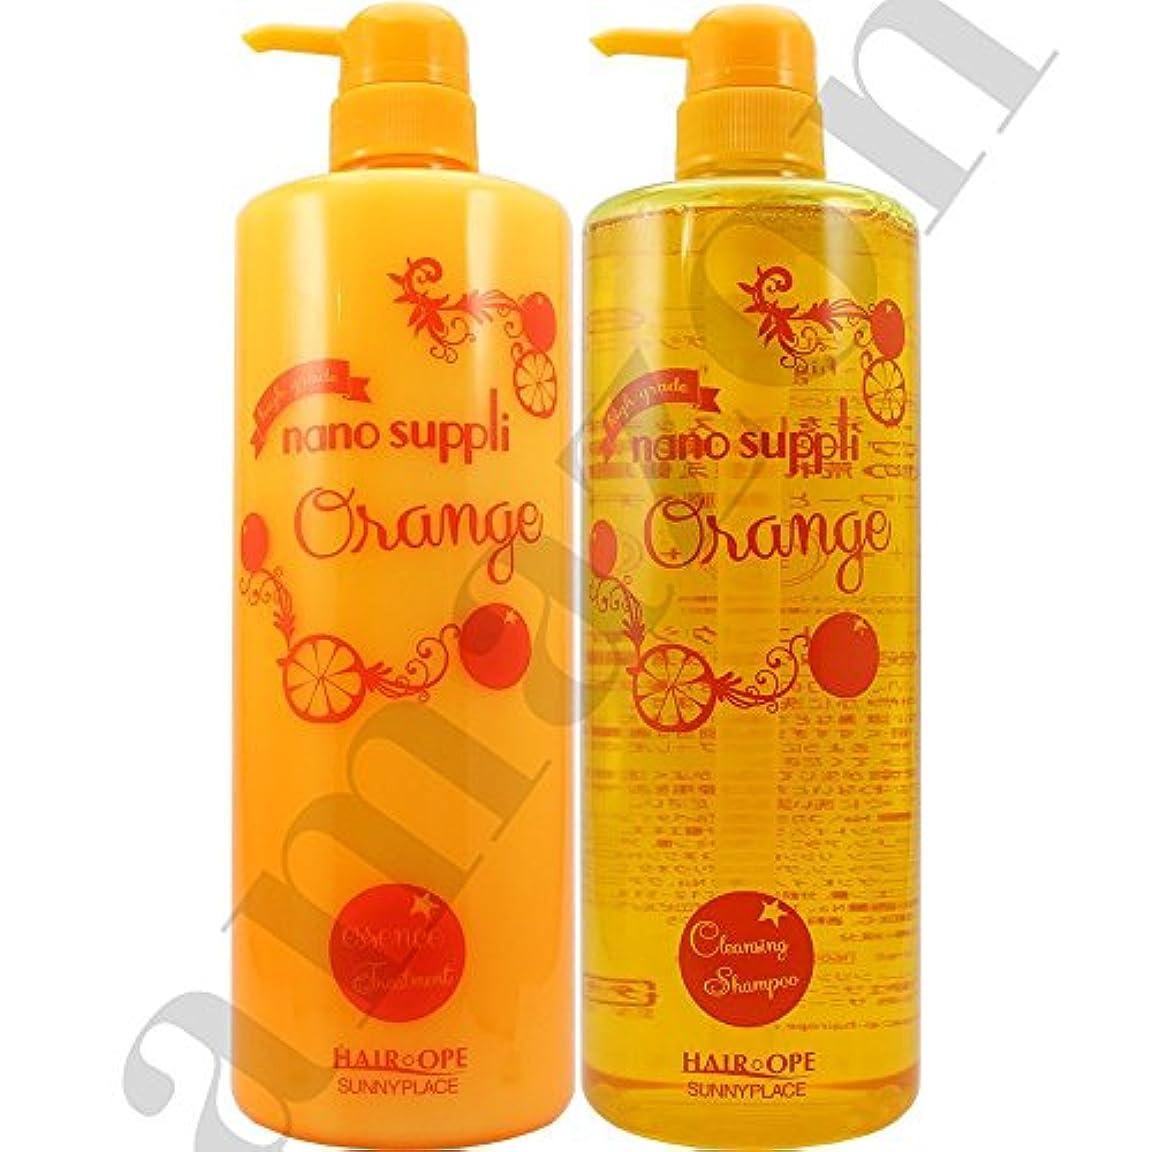 シルク流産適応するサニープレイス ナノサプリ クレンジングシャンプー&コンディショナー オレンジ 1000mlボトルセット